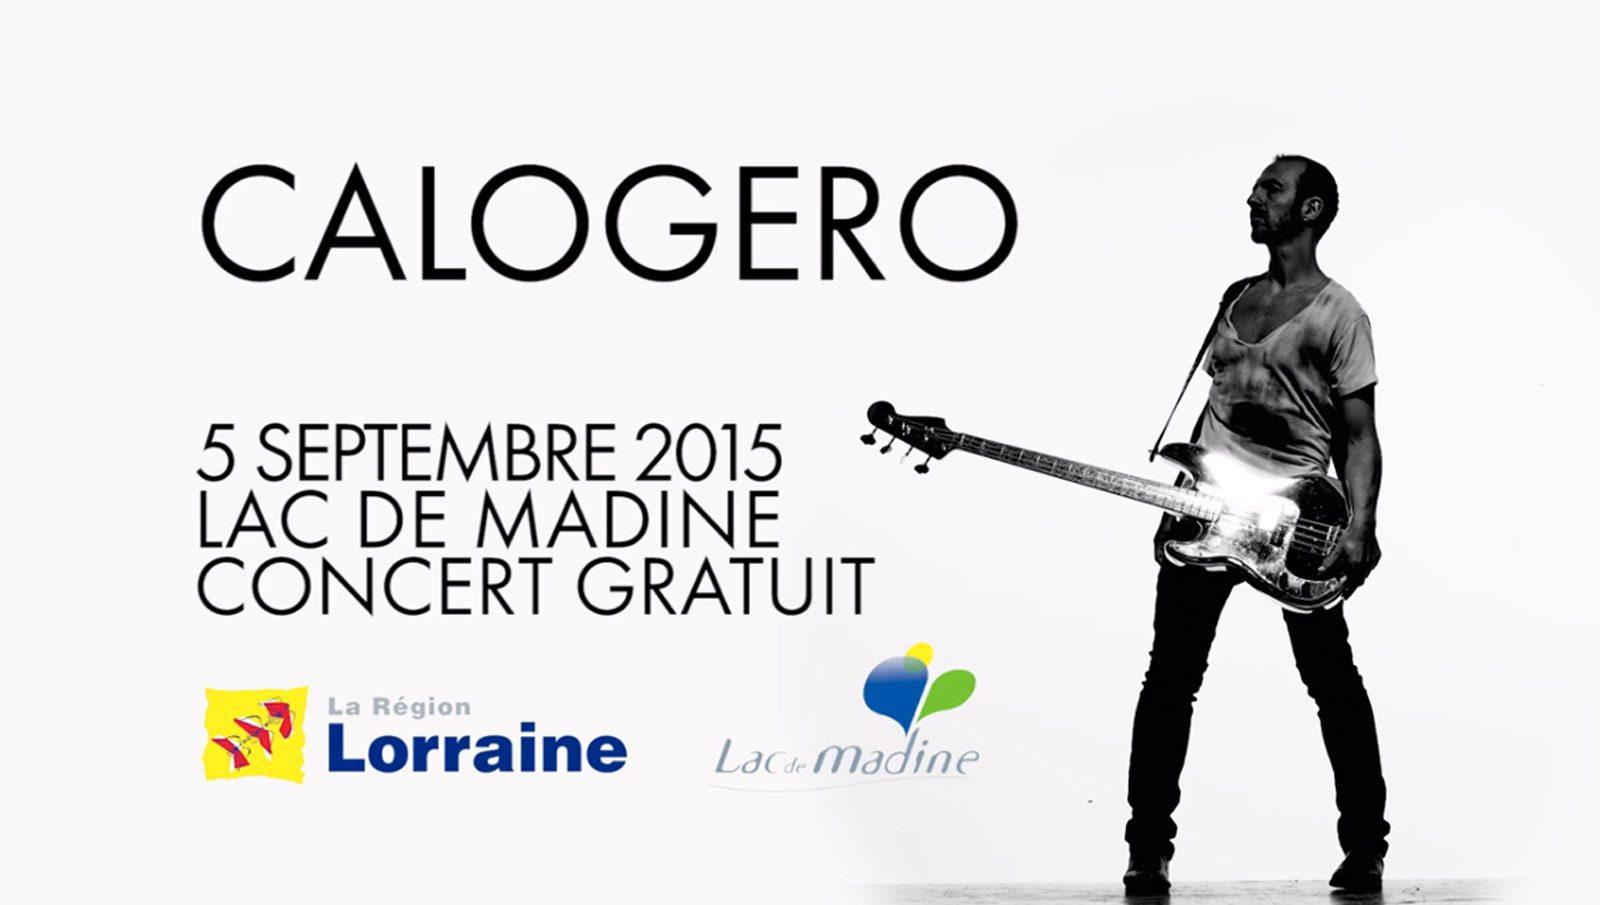 Calogero en concert gratuit au Lac de Madine : c'est ce soir !